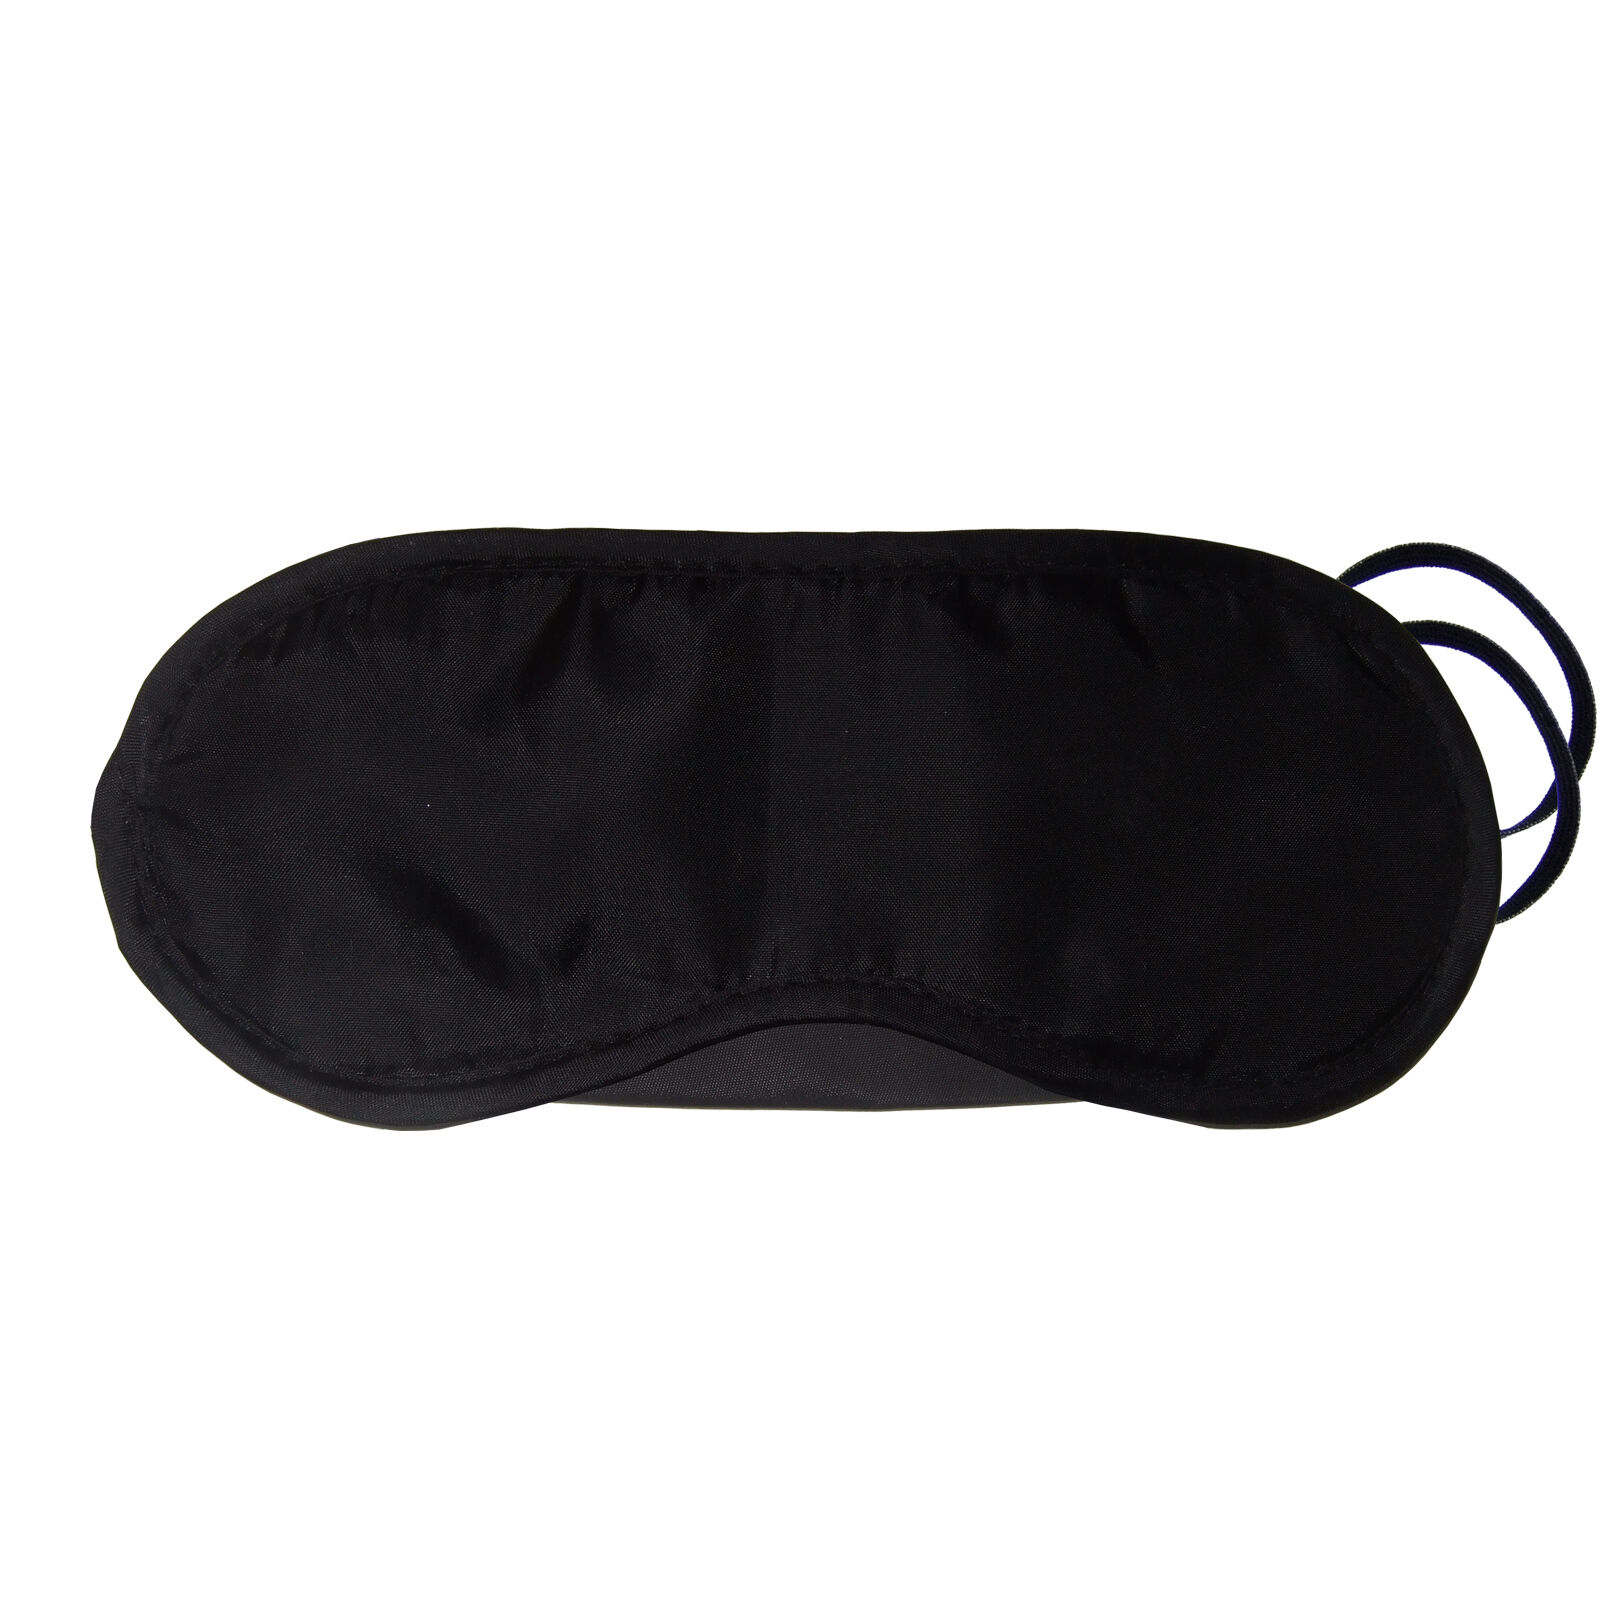 Masque Yeux Noir x 2 masques de sommeil sommeil sommeil l'aveugle eyemask 123301